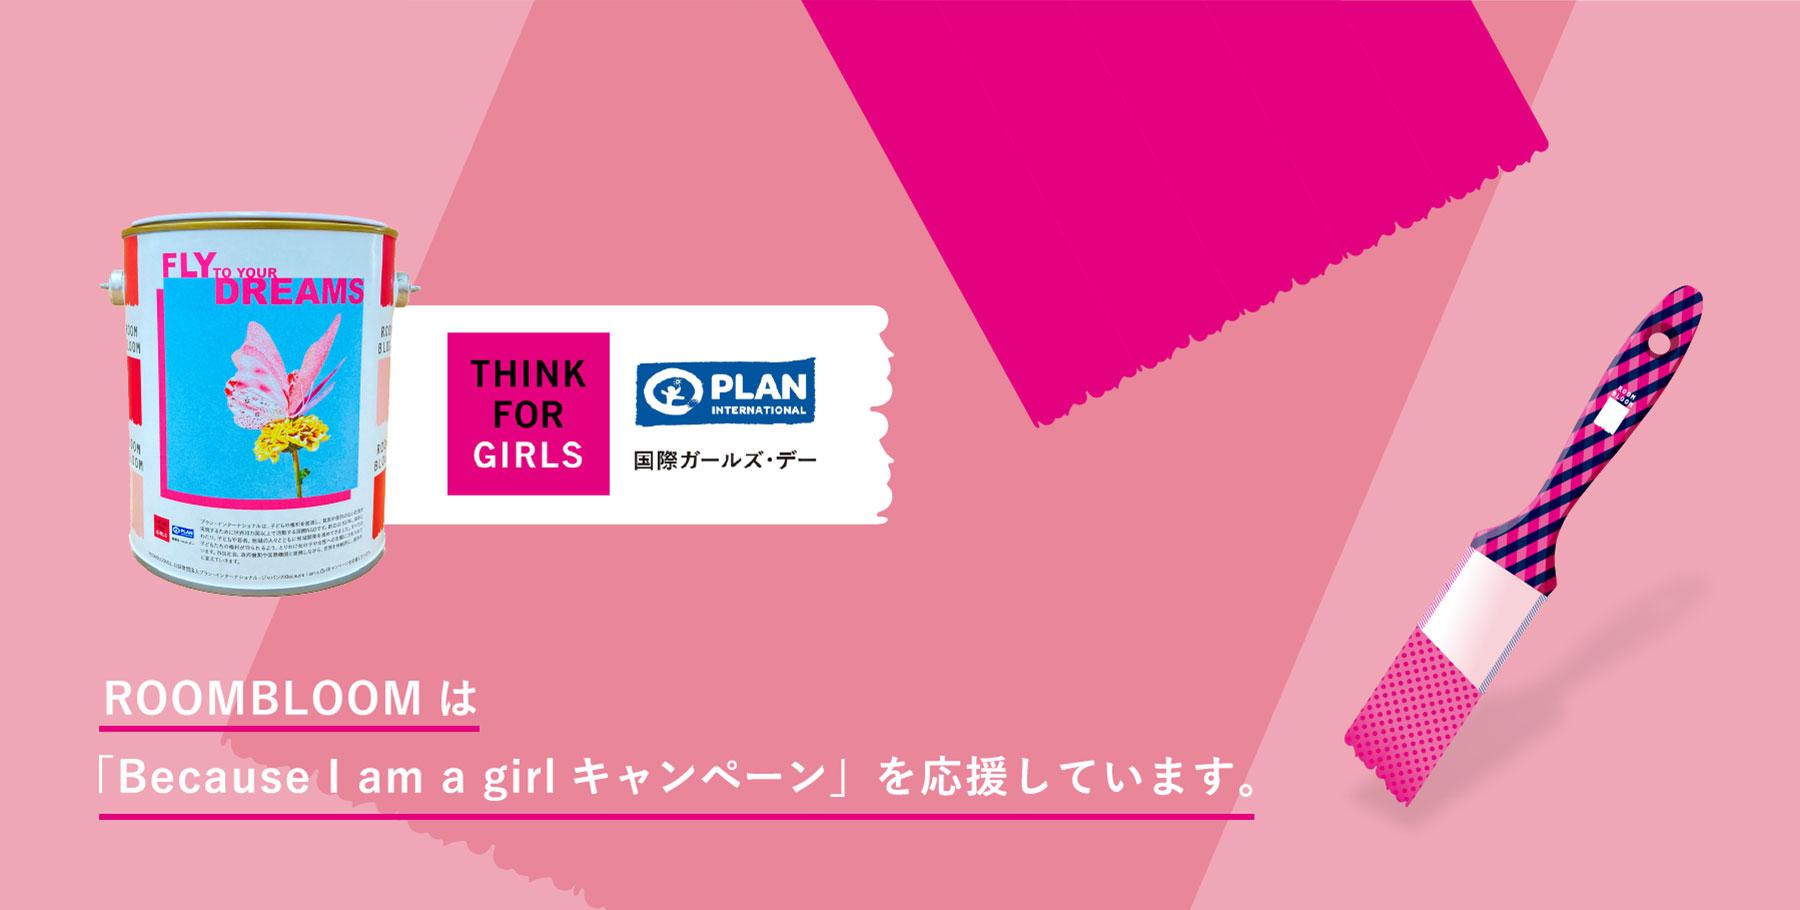 ROOMBLOOMは「Because I am a girl」キャンペーンを応援しています。